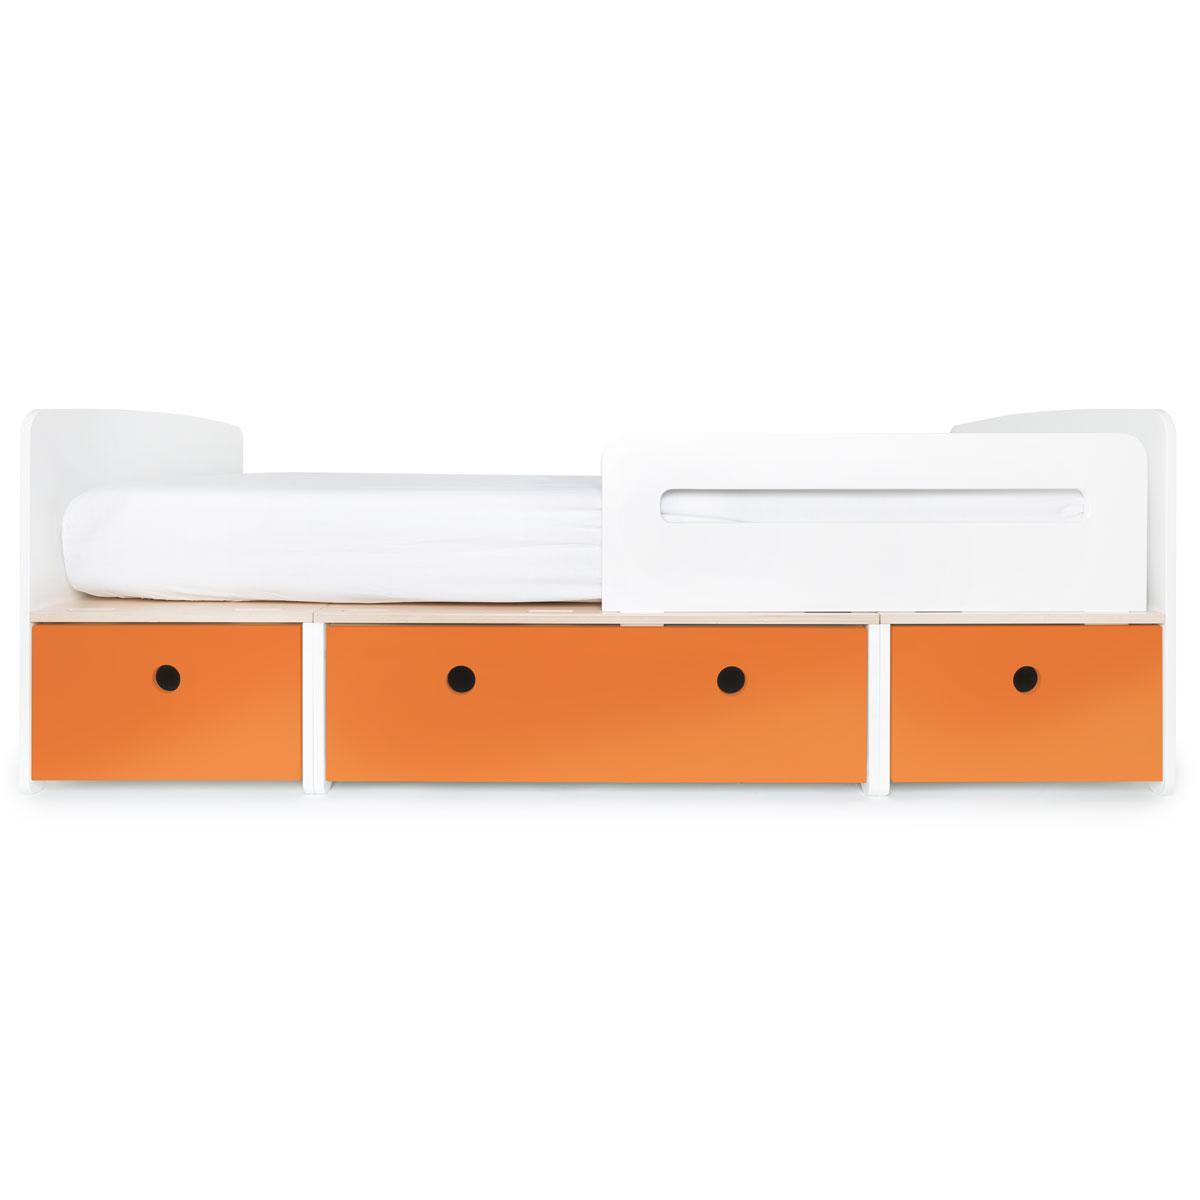 Lit évolutif 90x200cm COLORFLEX pure orange